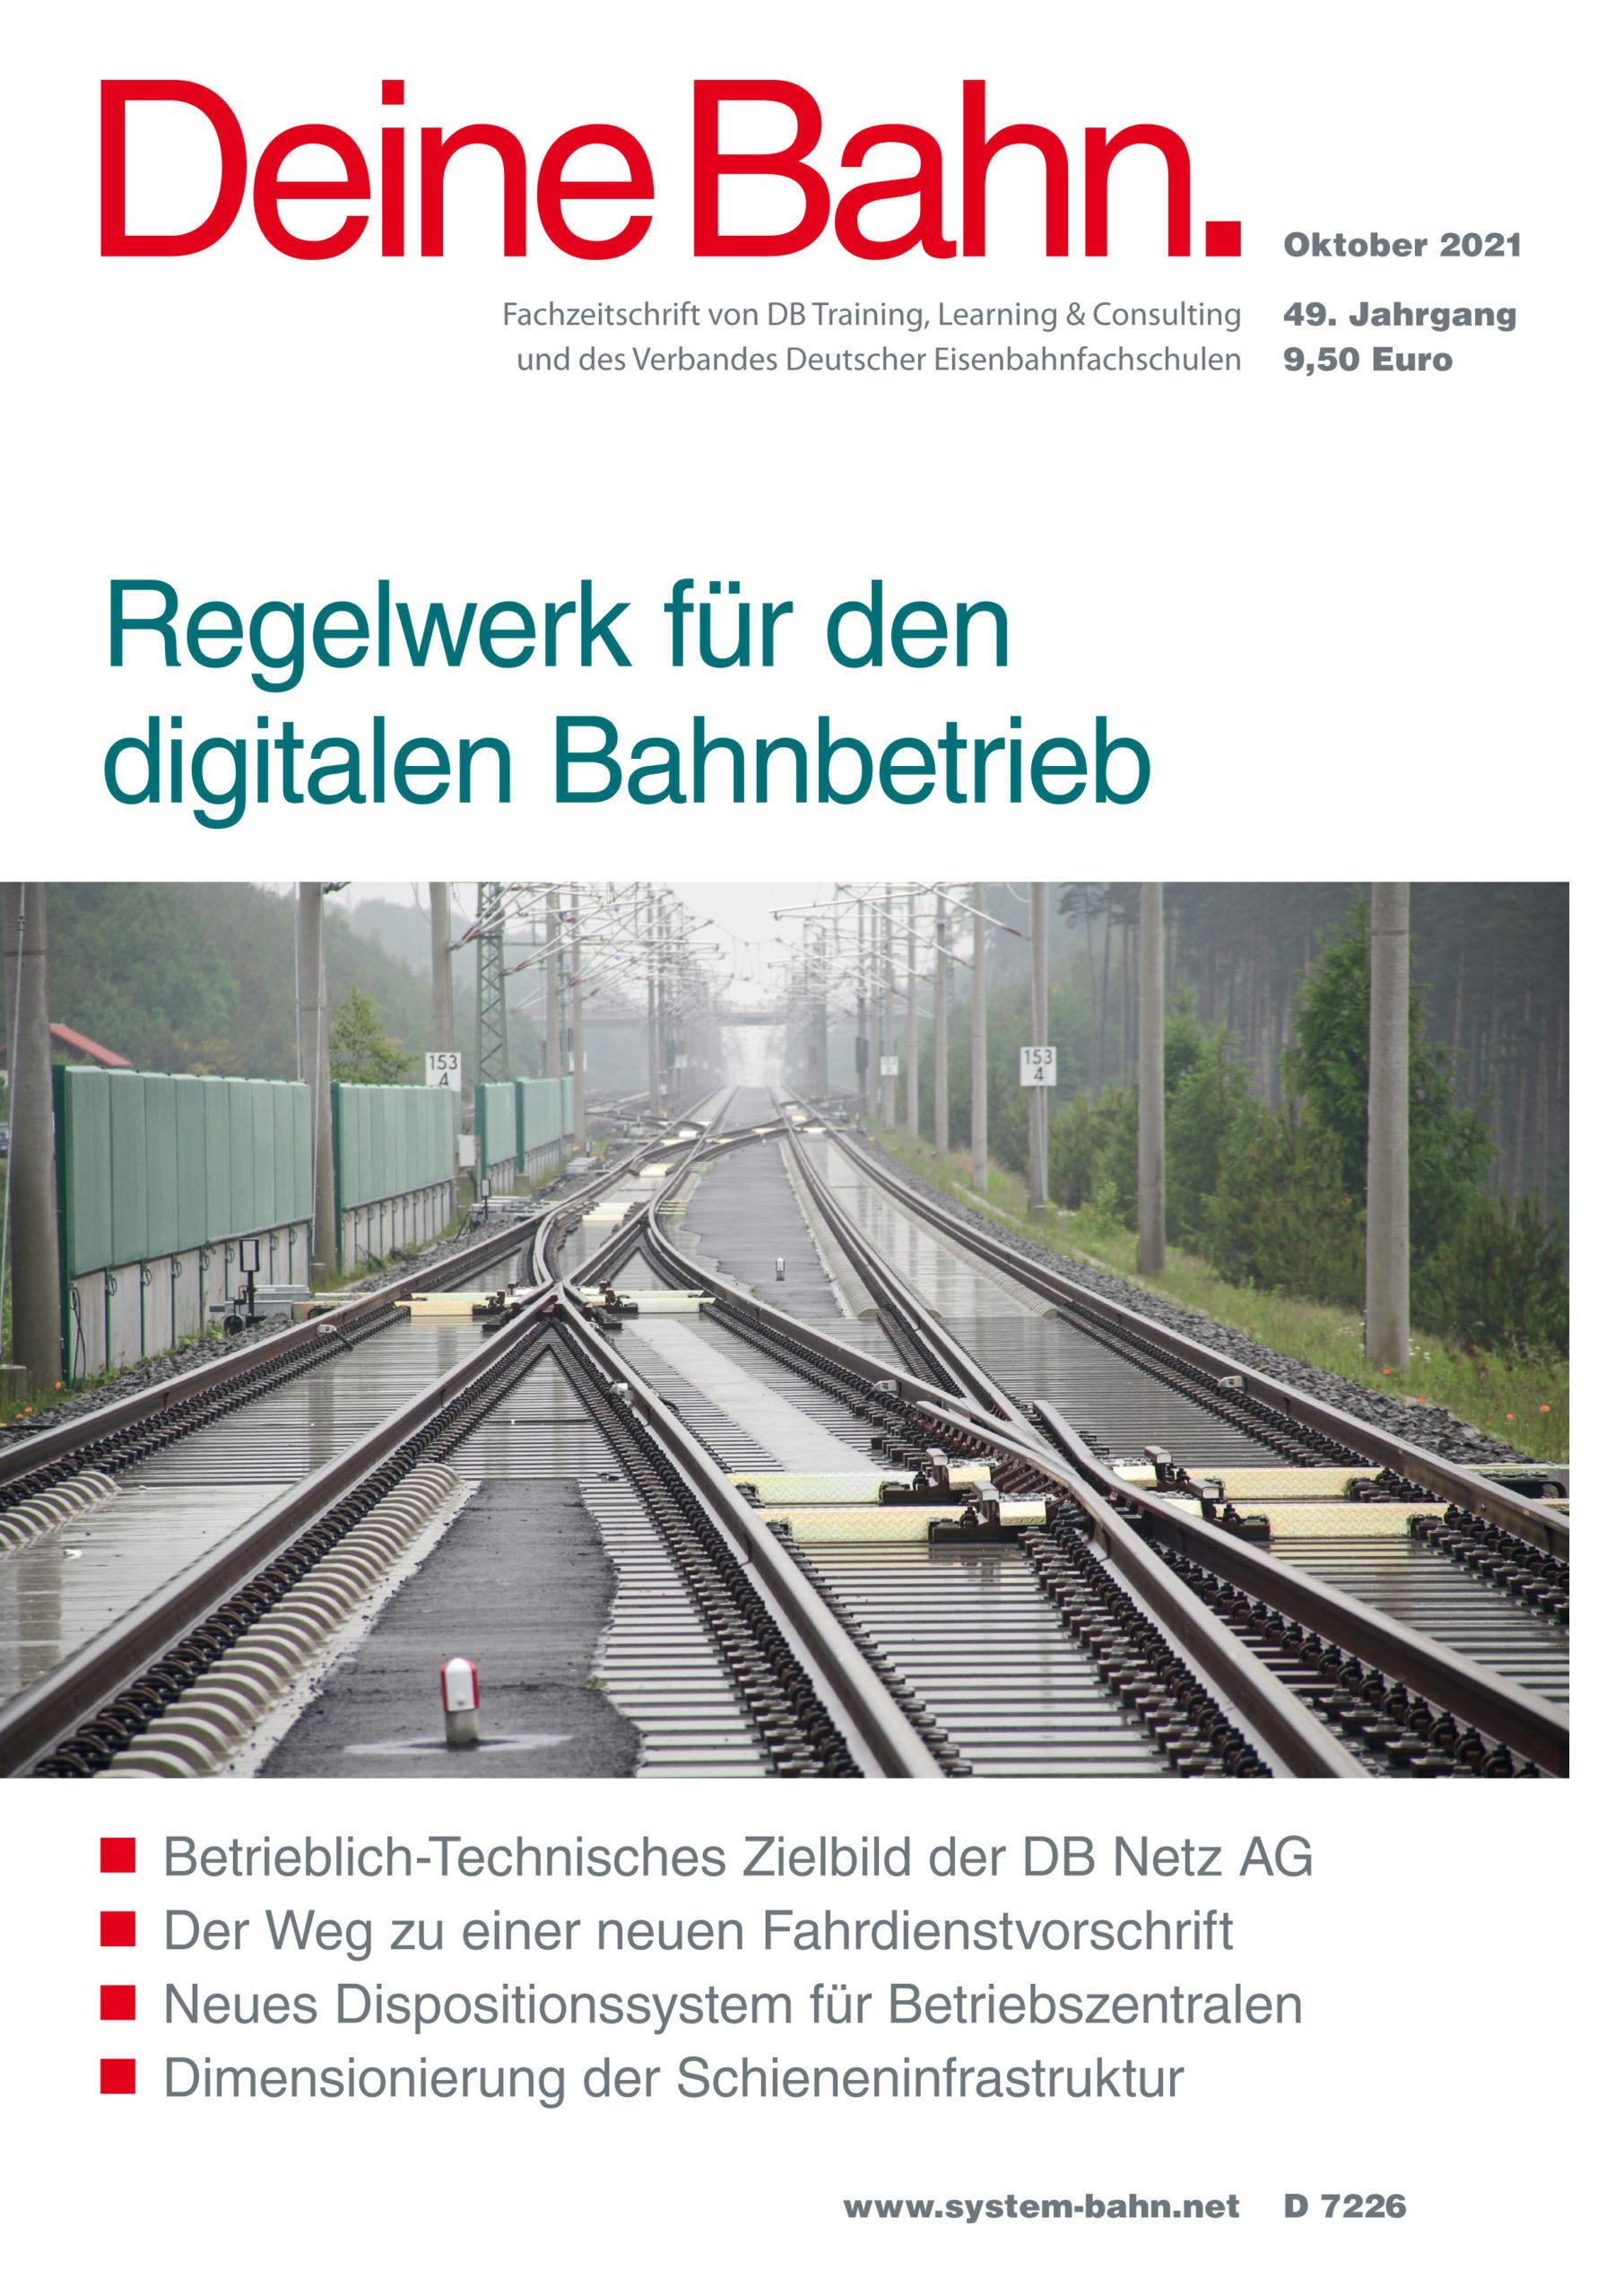 Umschlagmotiv Fachzeitschrift Deine Bahn Oktober 2021